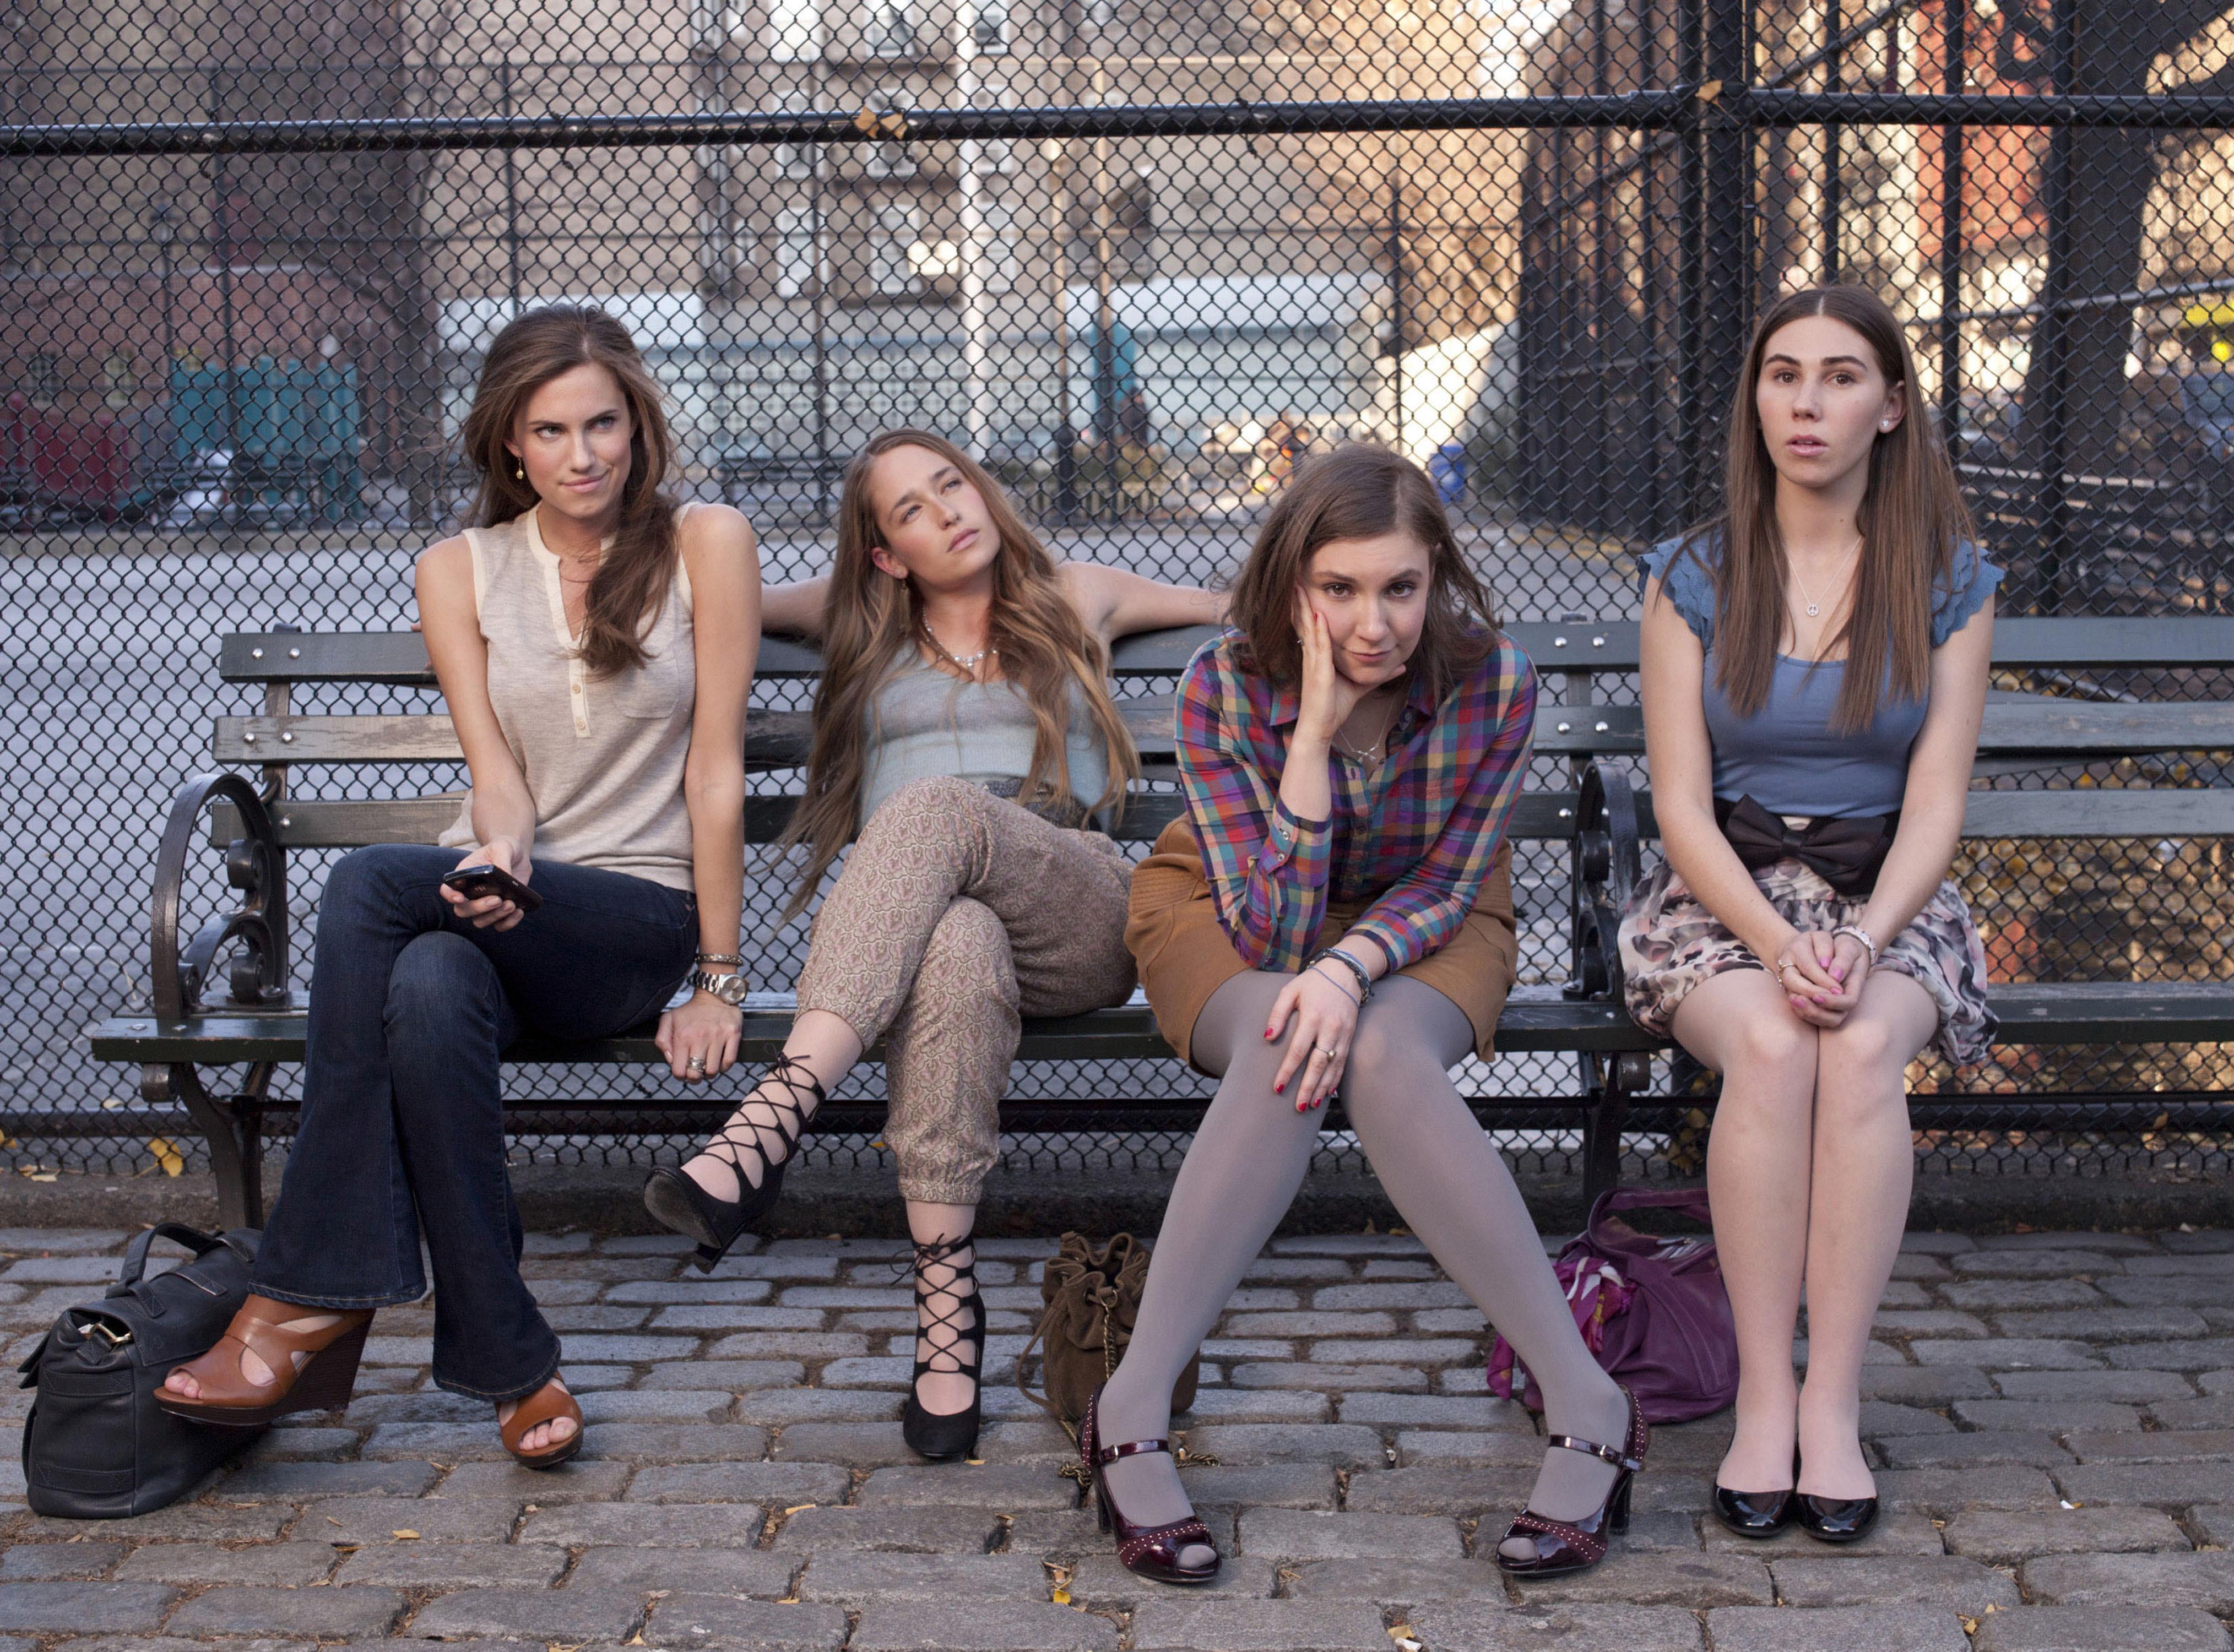 HBO's Girls cast